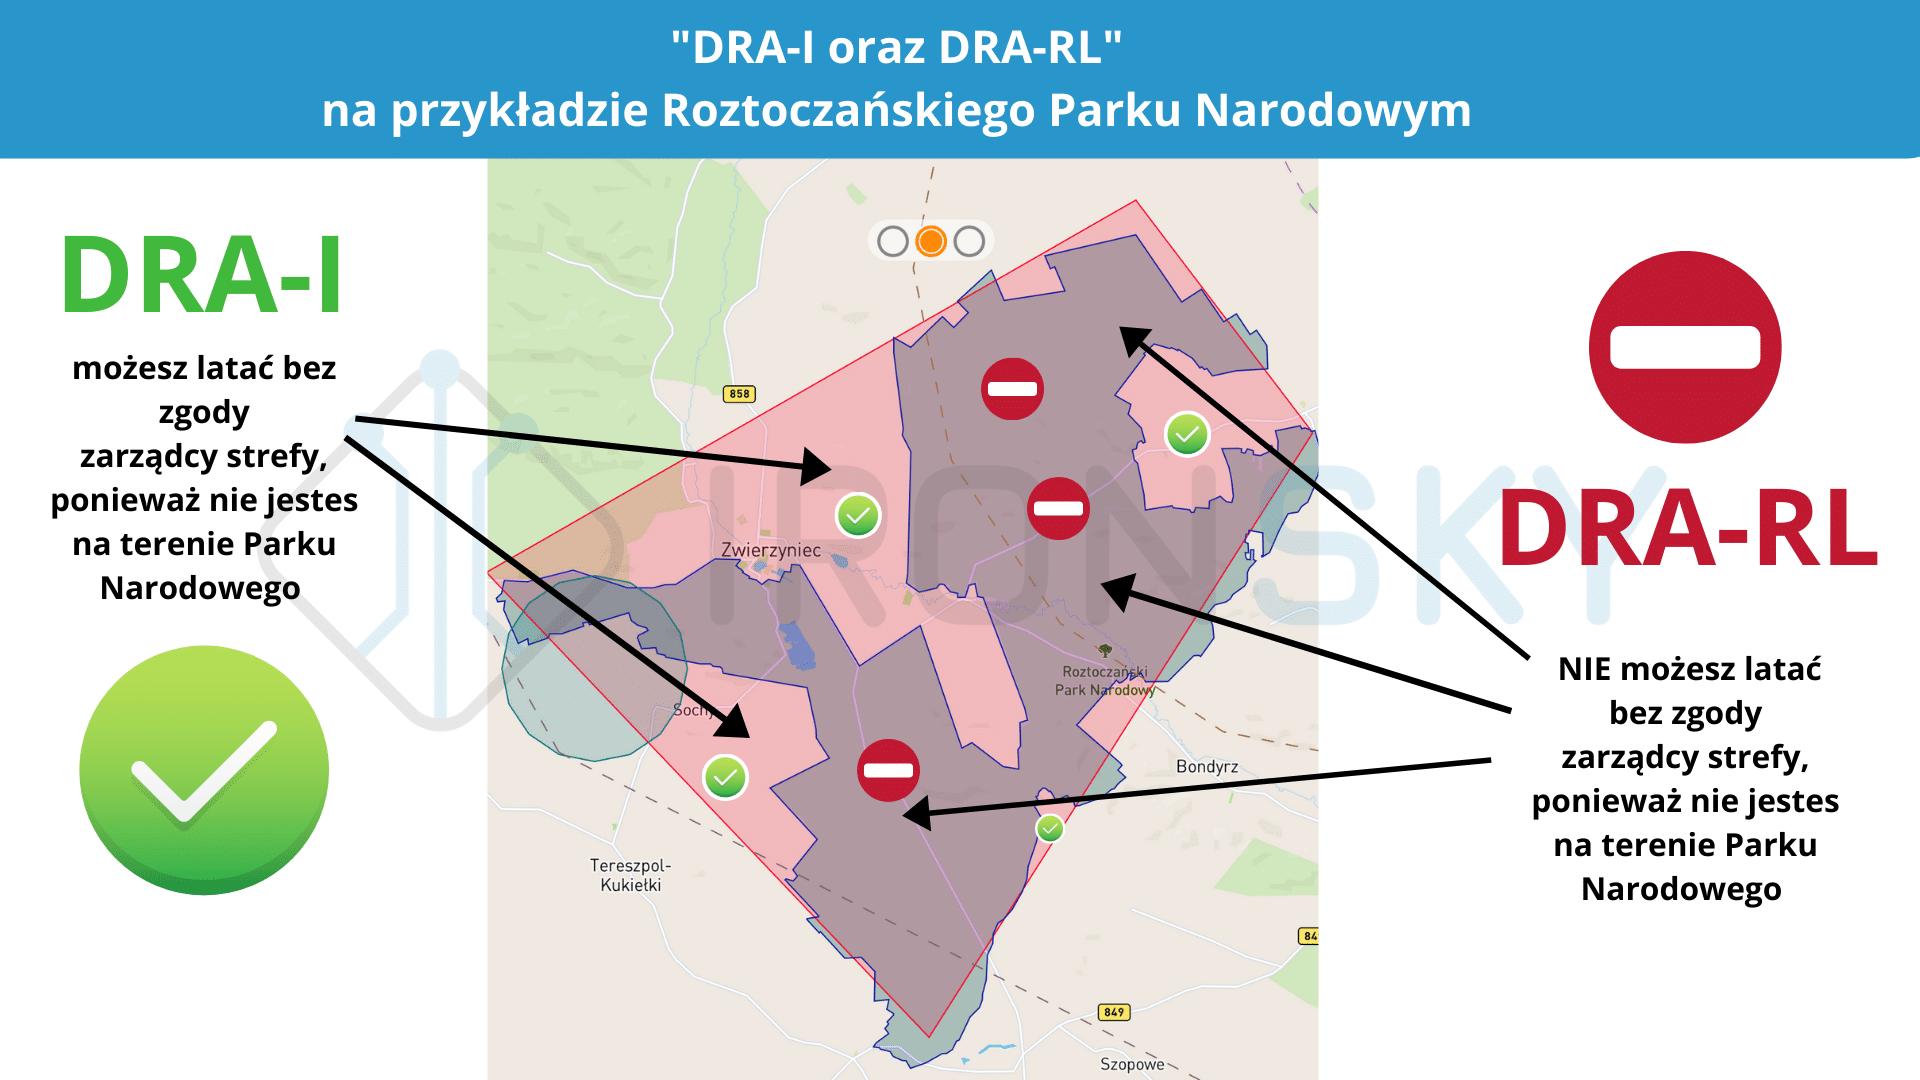 infografika autorstwa IRONSKY sp zoo sp k ironsky.pl uznanego podmiotu przez ULC do szkoleń i egzaminowania pilotów dronów w Polsce